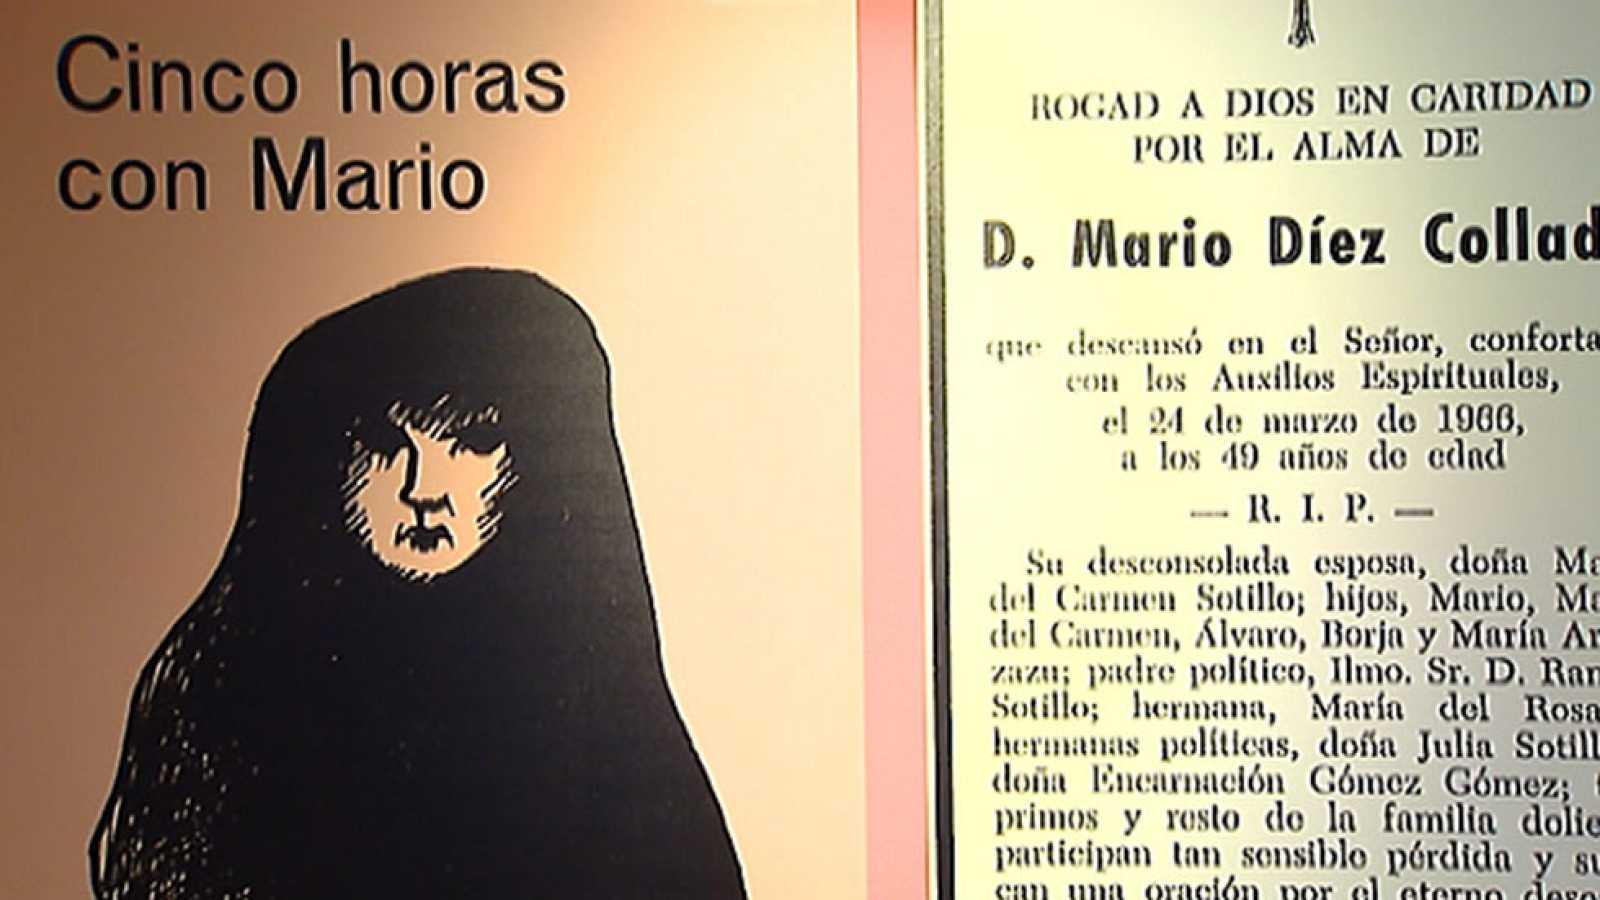 Para todos los públicos La Biblioteca Nacional inaugura mañana la exposición   Cinco horas con Mario  reproducir video a42338ffd5d